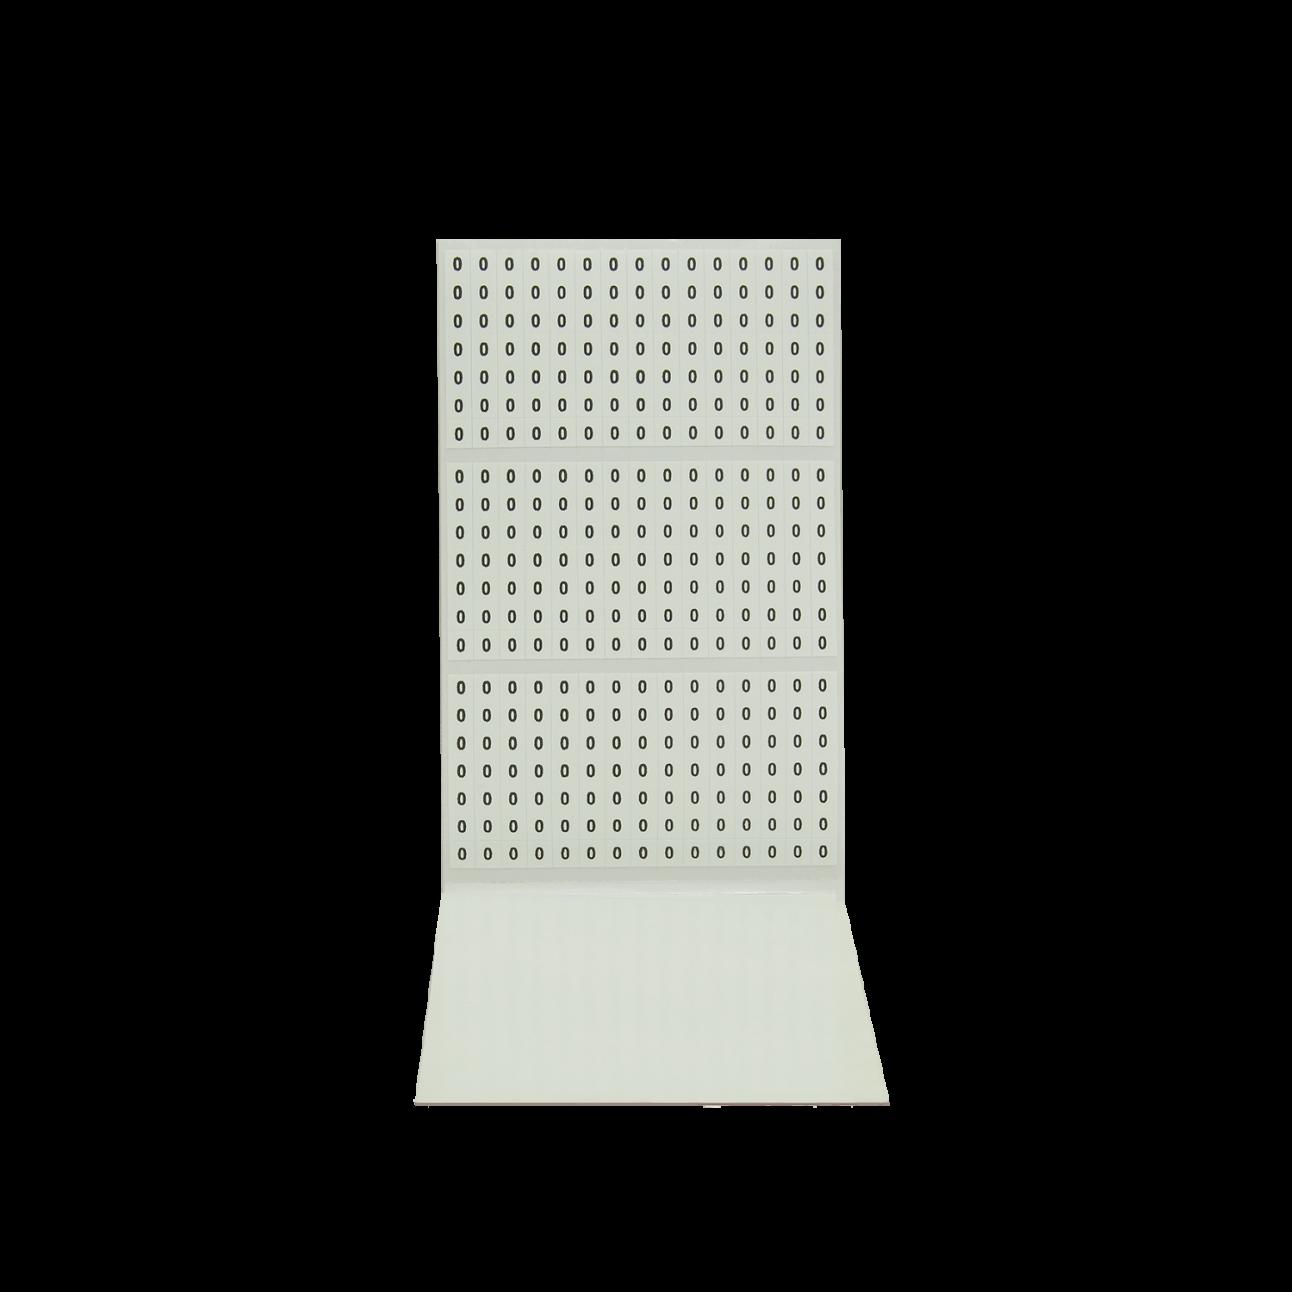 Самоклеющиеся маркеры, блокнот 10 листов, цифры от 0 до 9